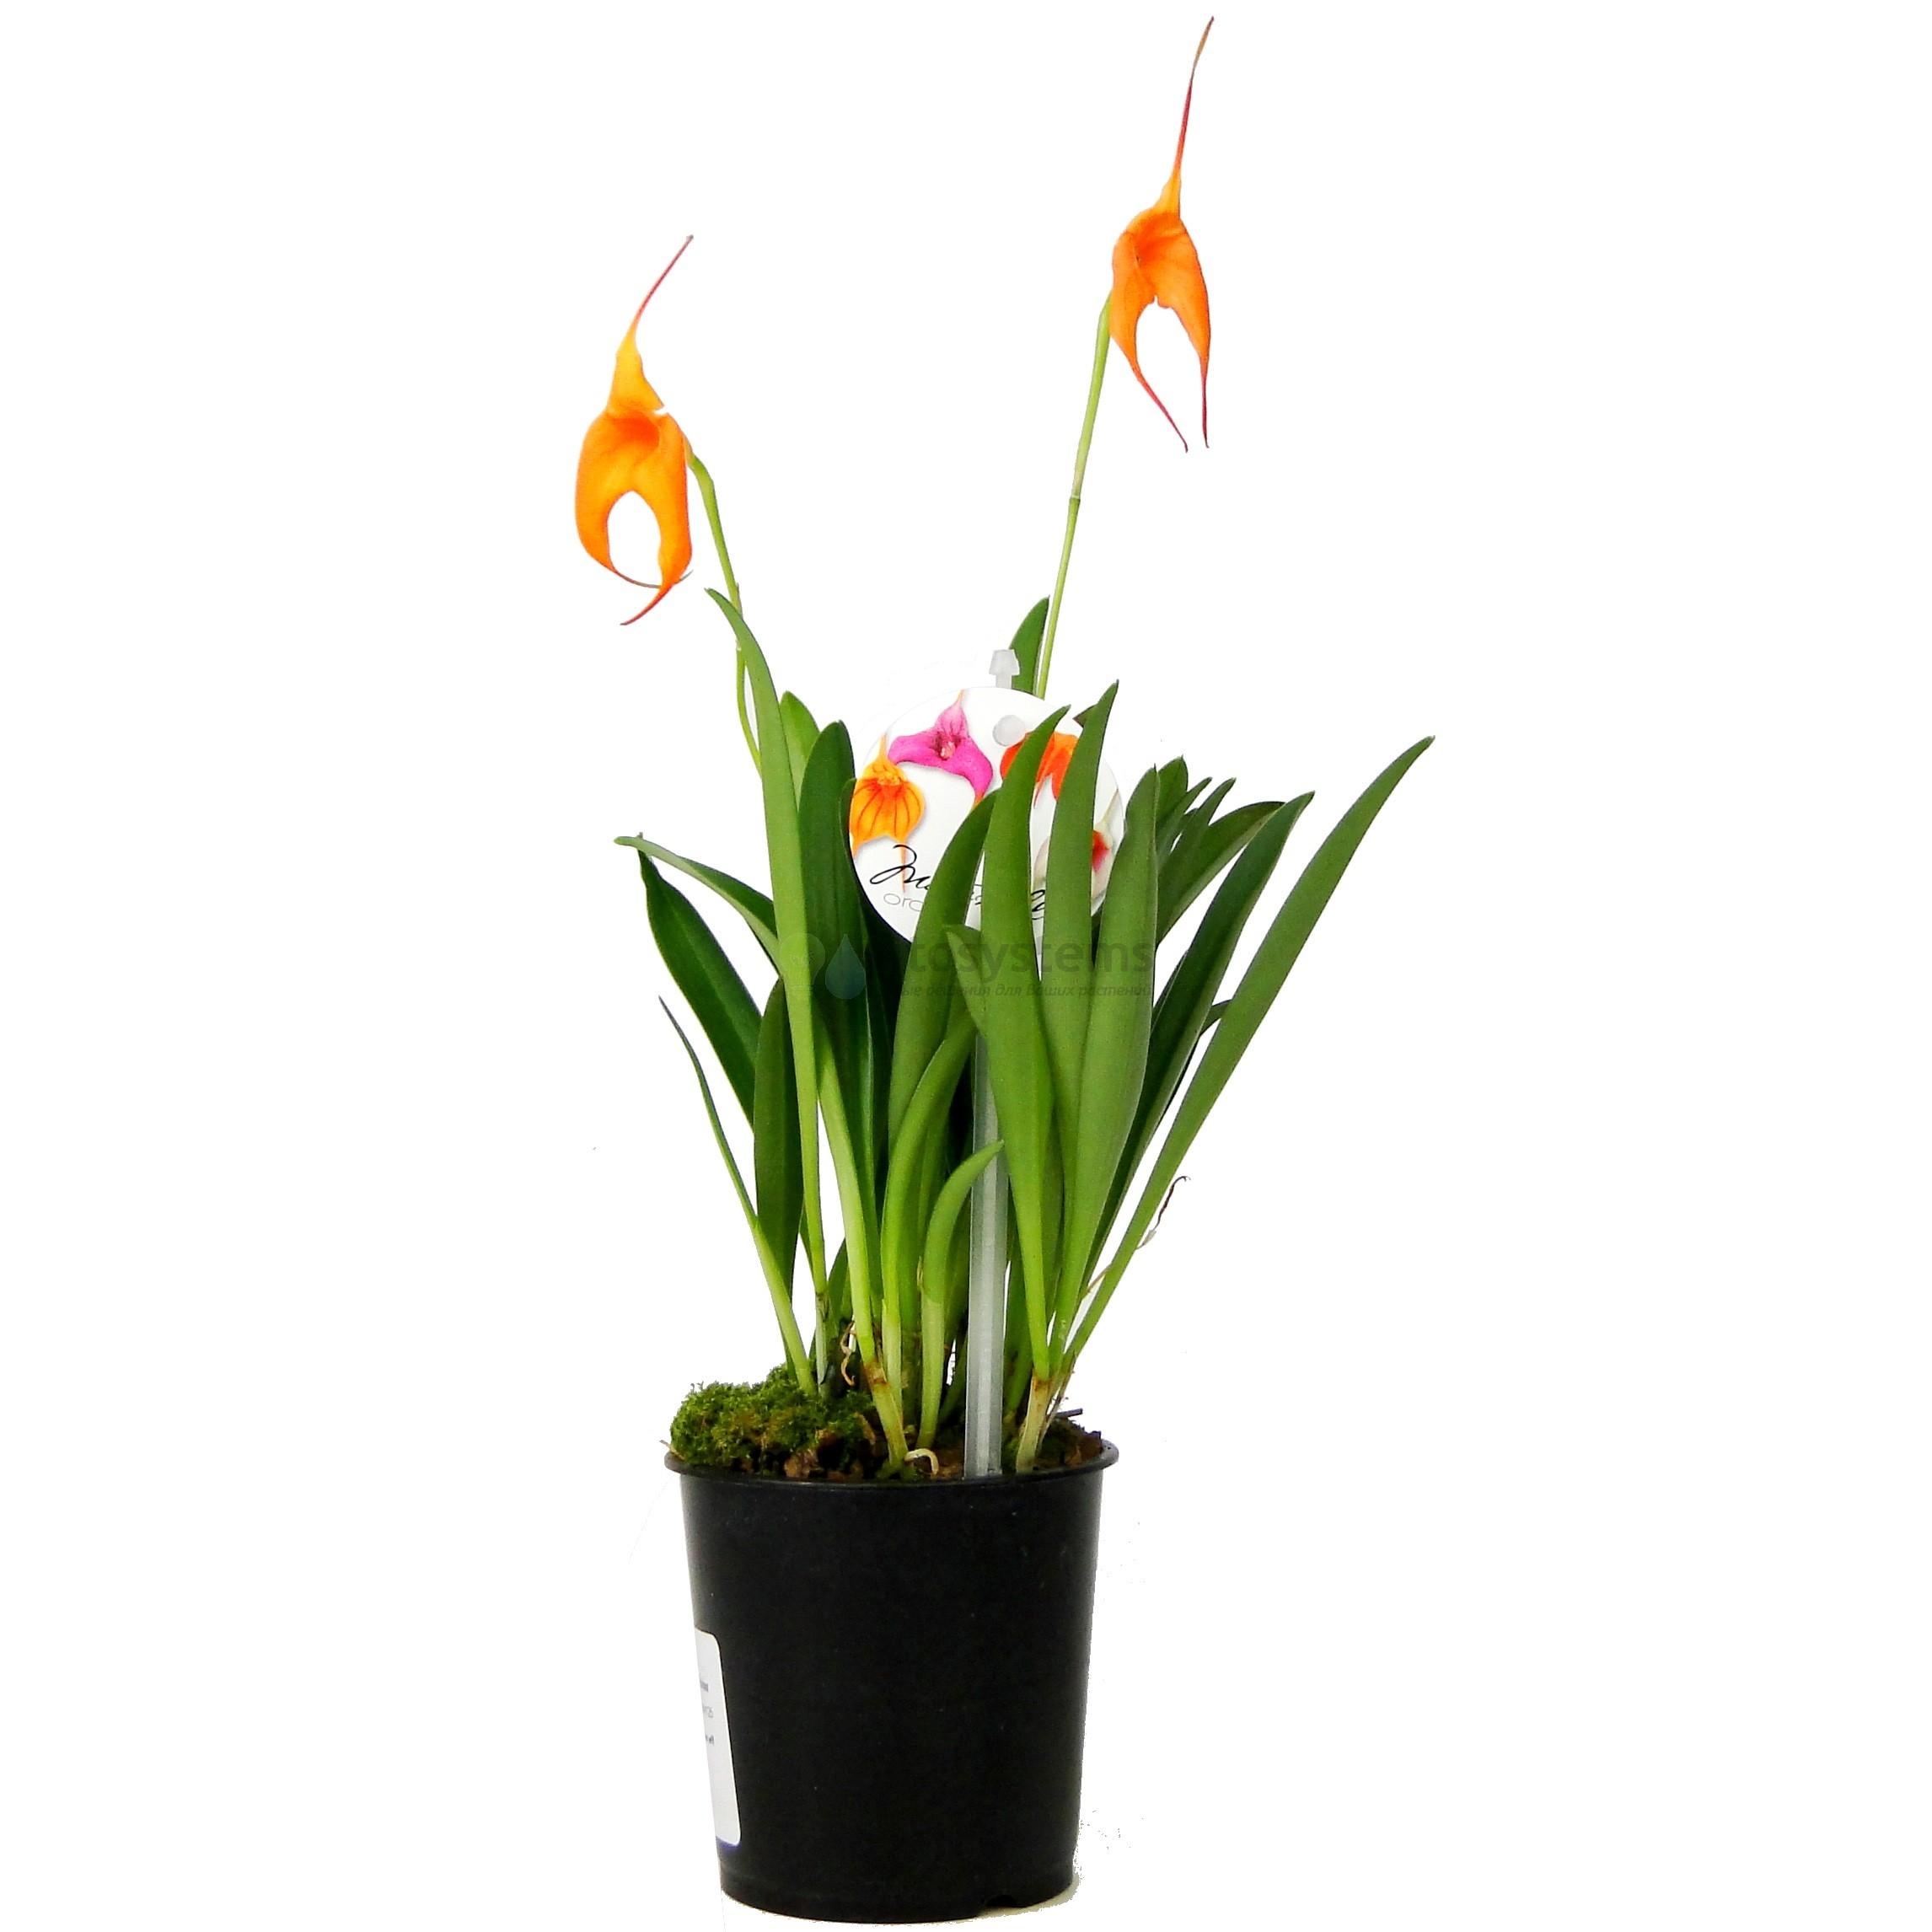 Орхидея масдеваллия в ассортименте